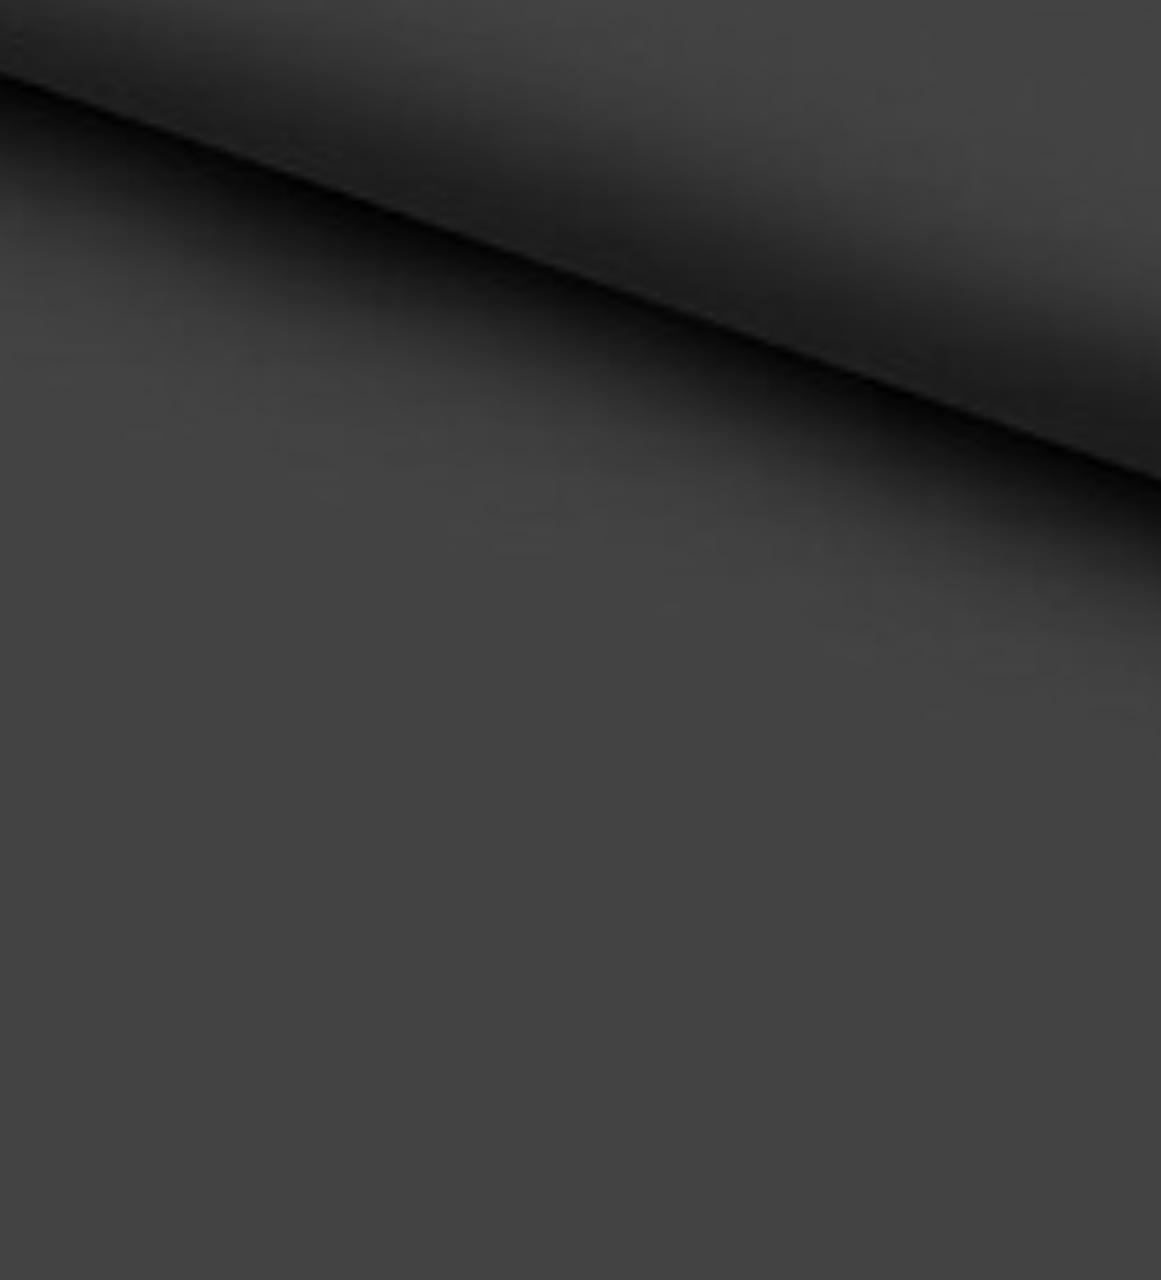 Хлопковая ткань (ранфорс) однотонная темно-графитовая 2.2